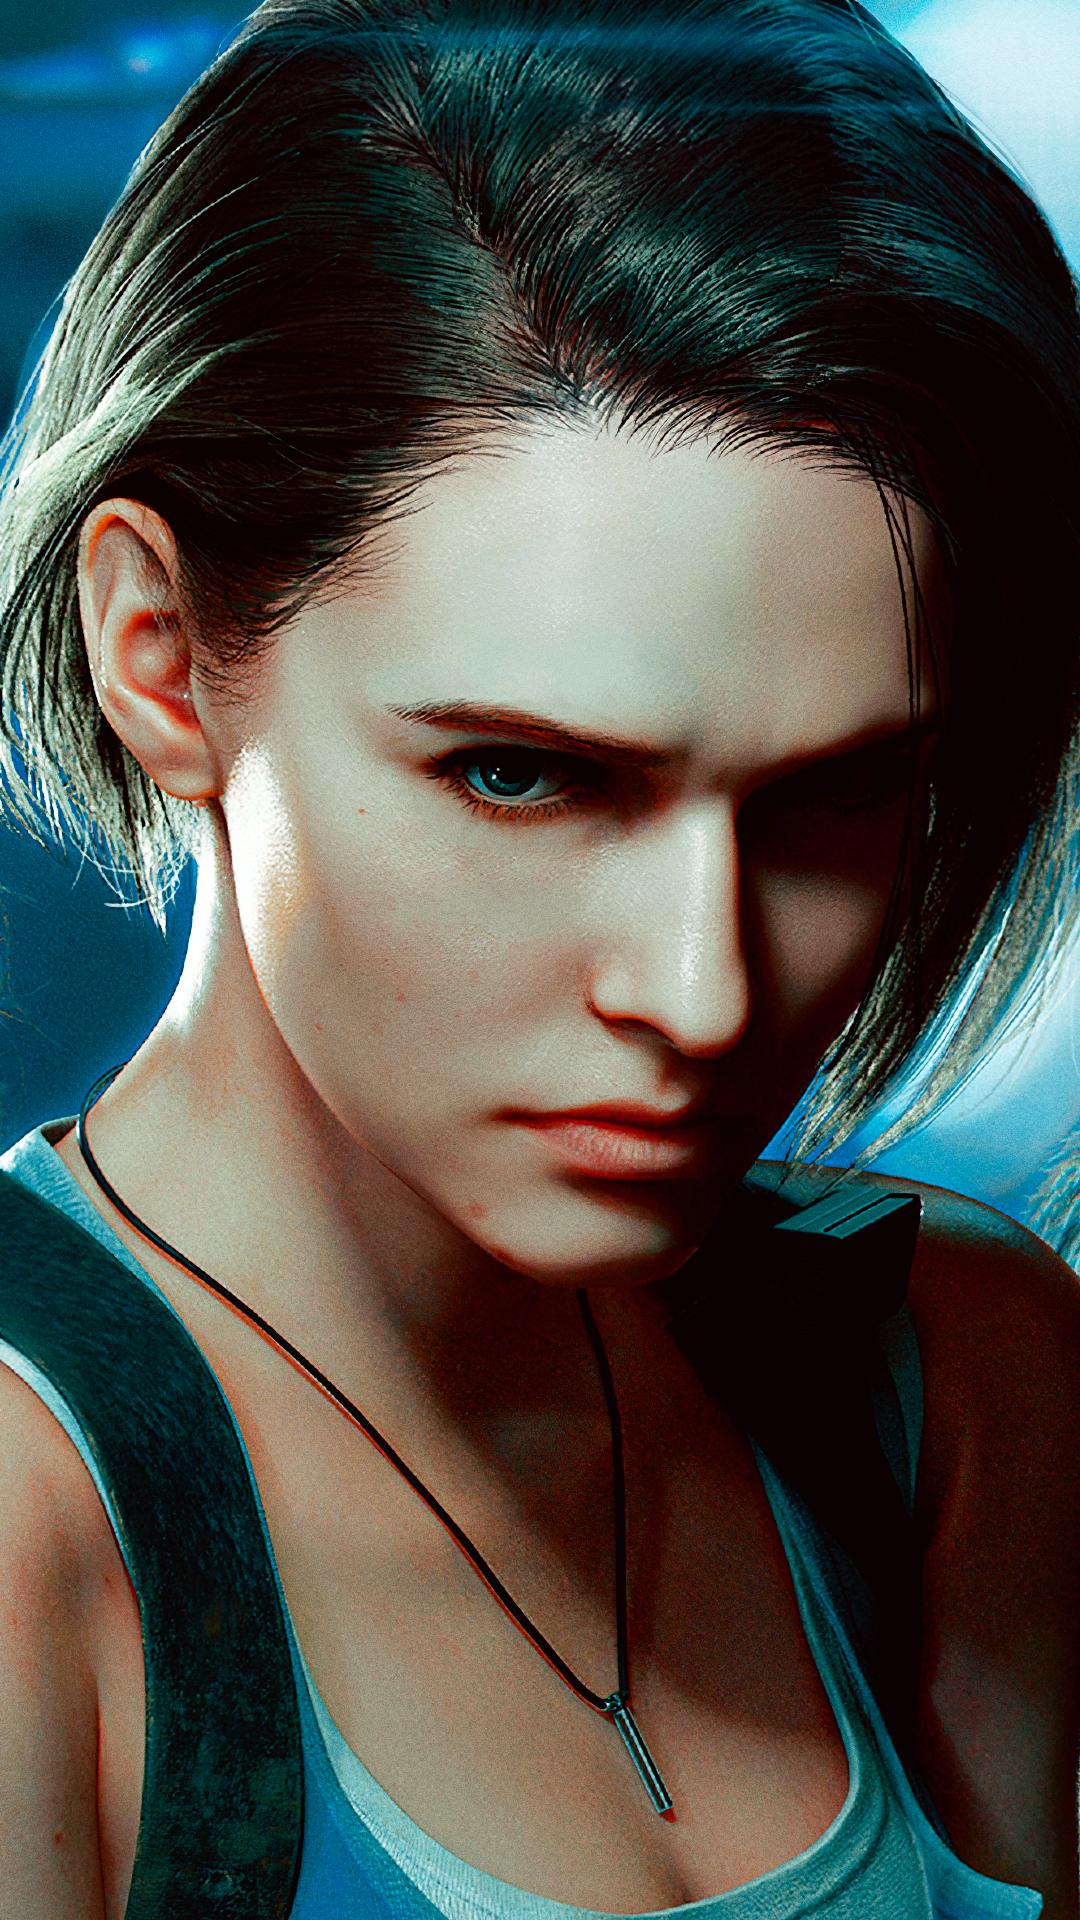 Resident Evil 3 Remake Smartphone Wallpaper By De Monvarela On